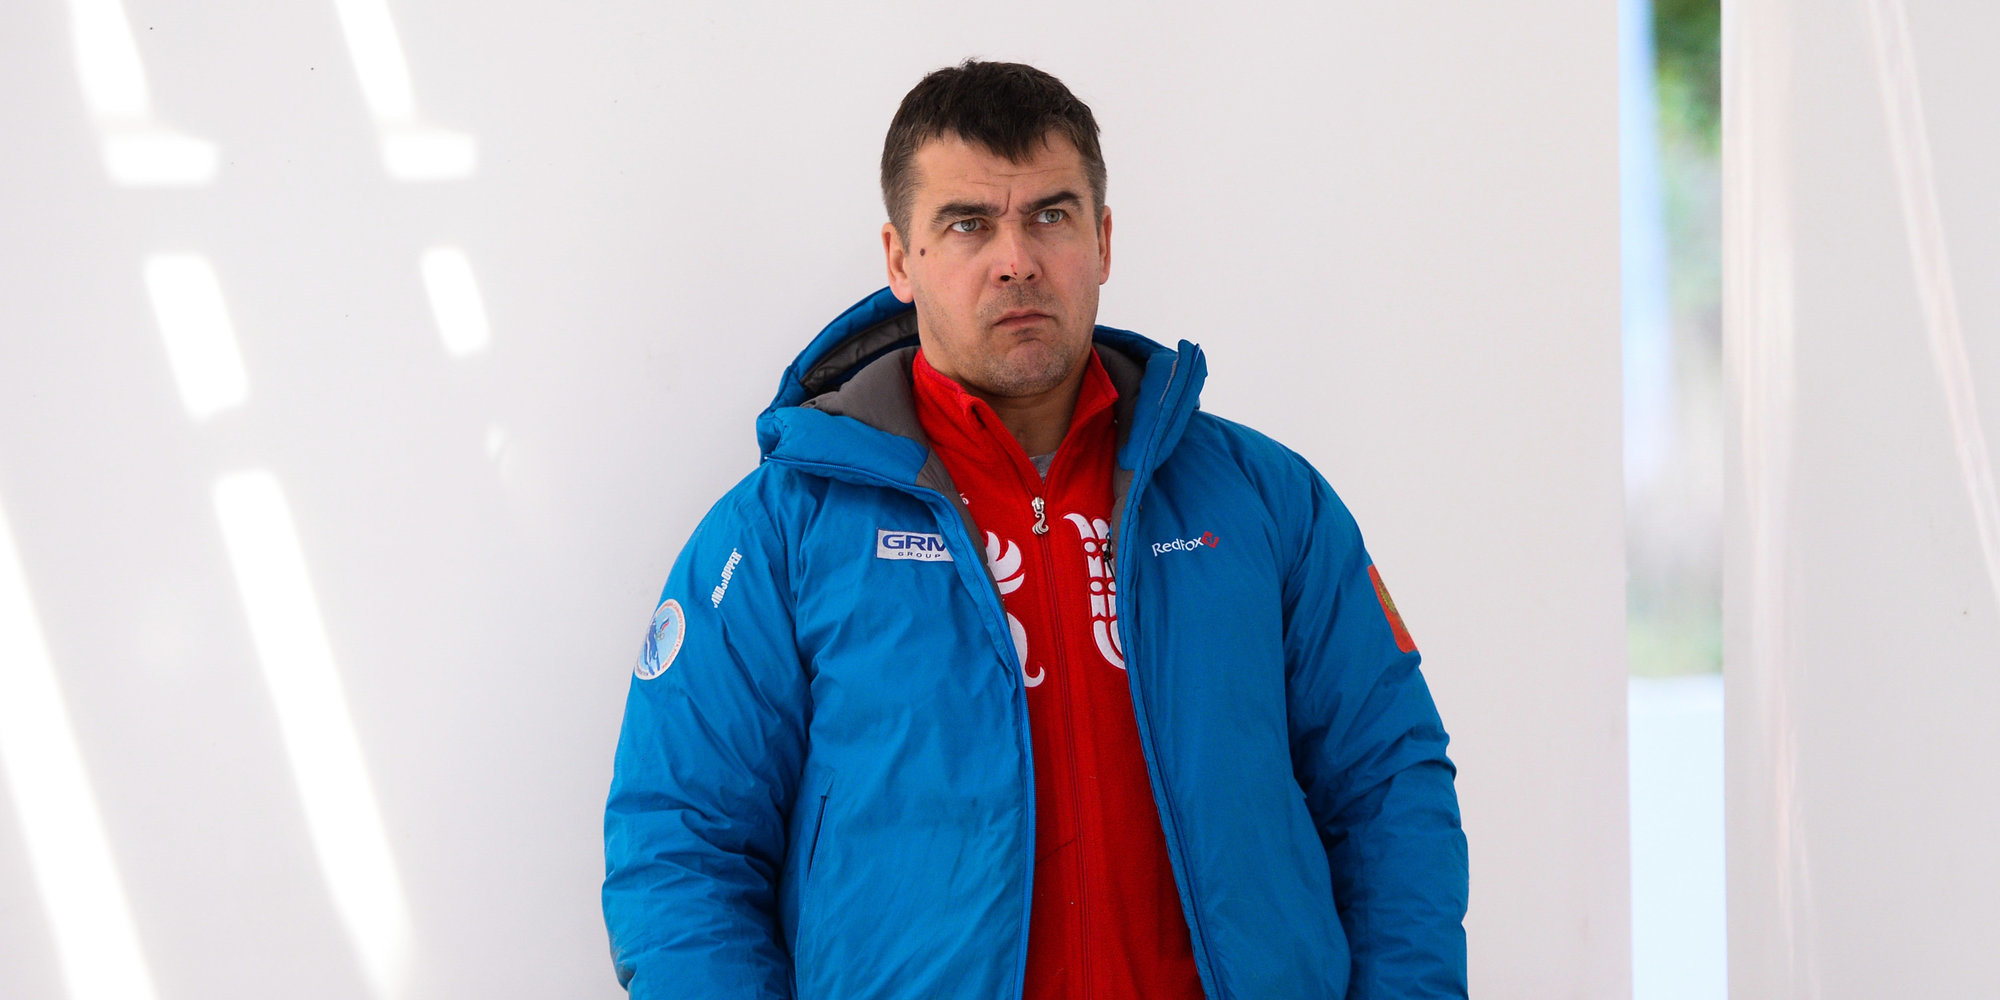 МОК представлены серьезные материалы, доказывающие невиновность русских спортсменов— Наталья Гарт